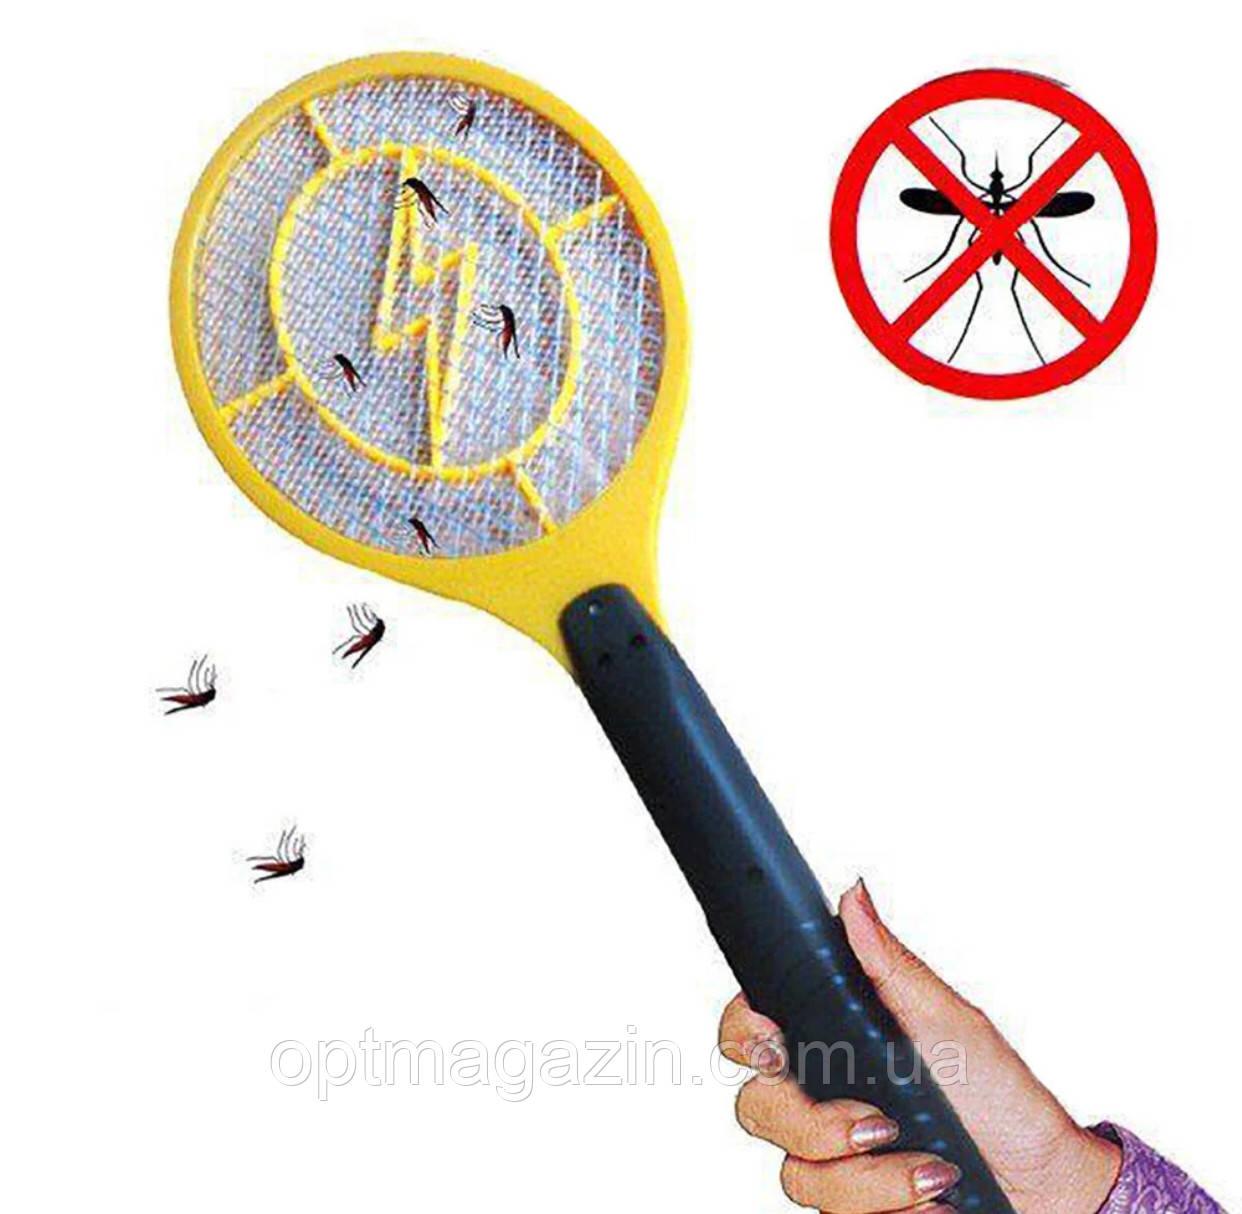 Електрична мухобойка у вигляді ракетки на батарейках Bug Catcher